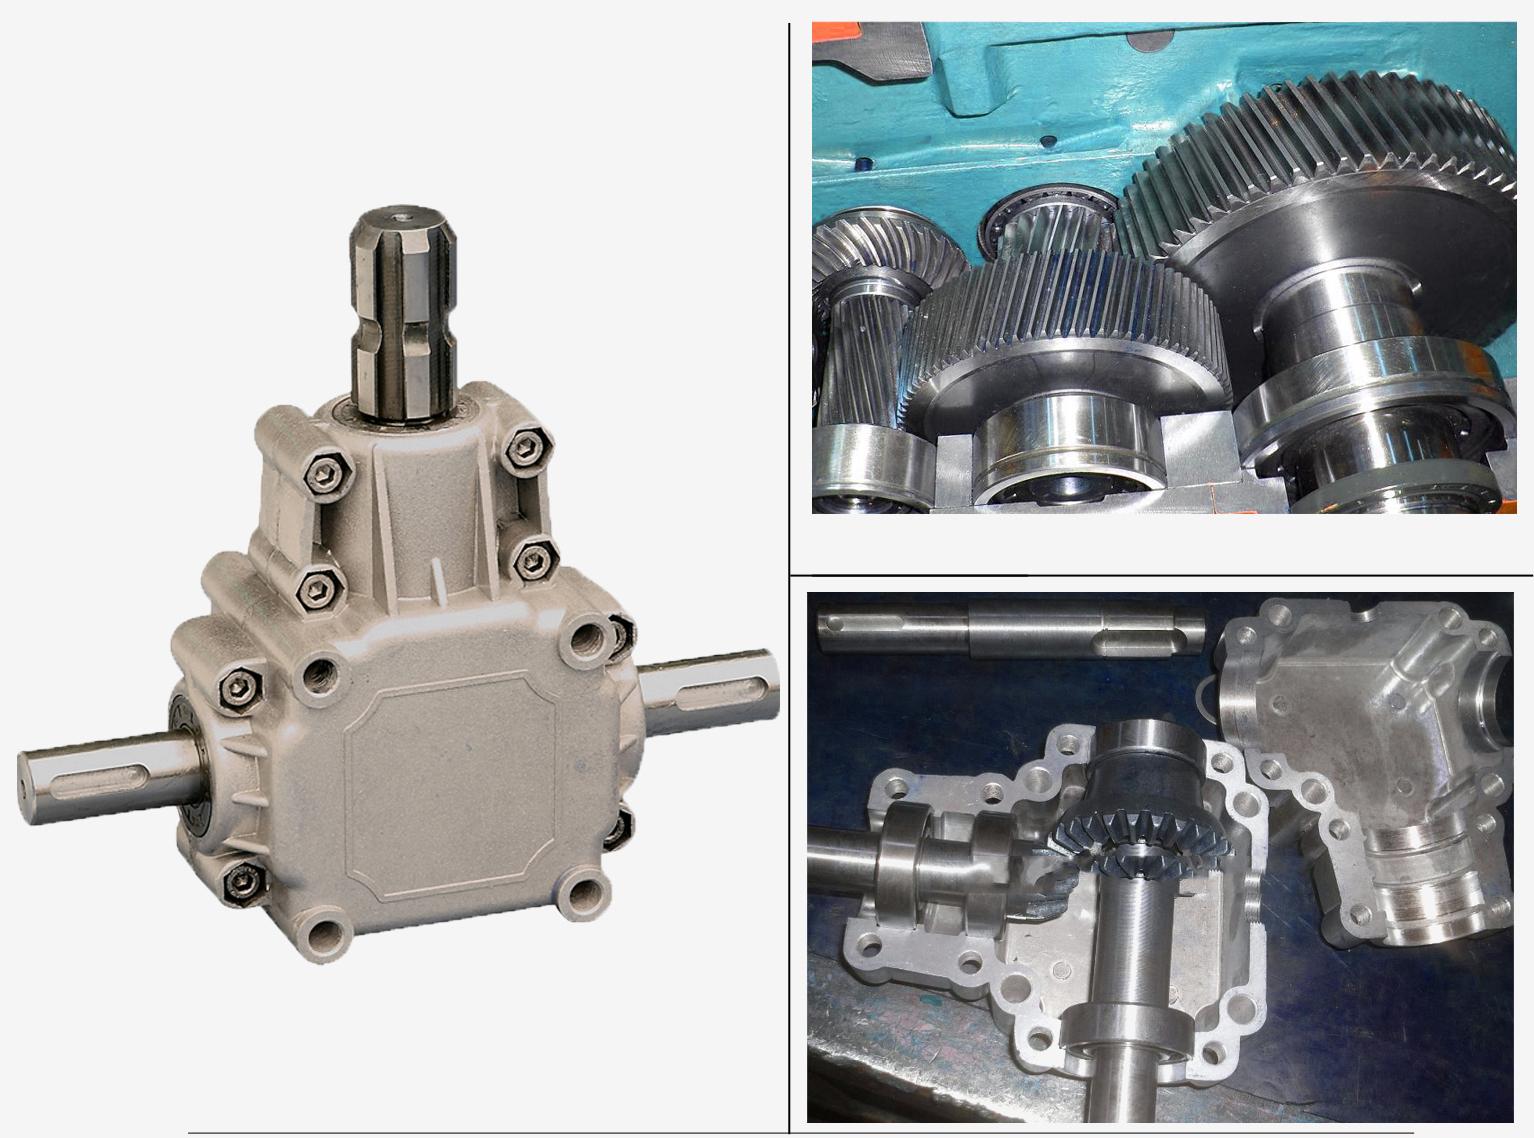 Insulance Resistance Fertilizer spreader gearbox